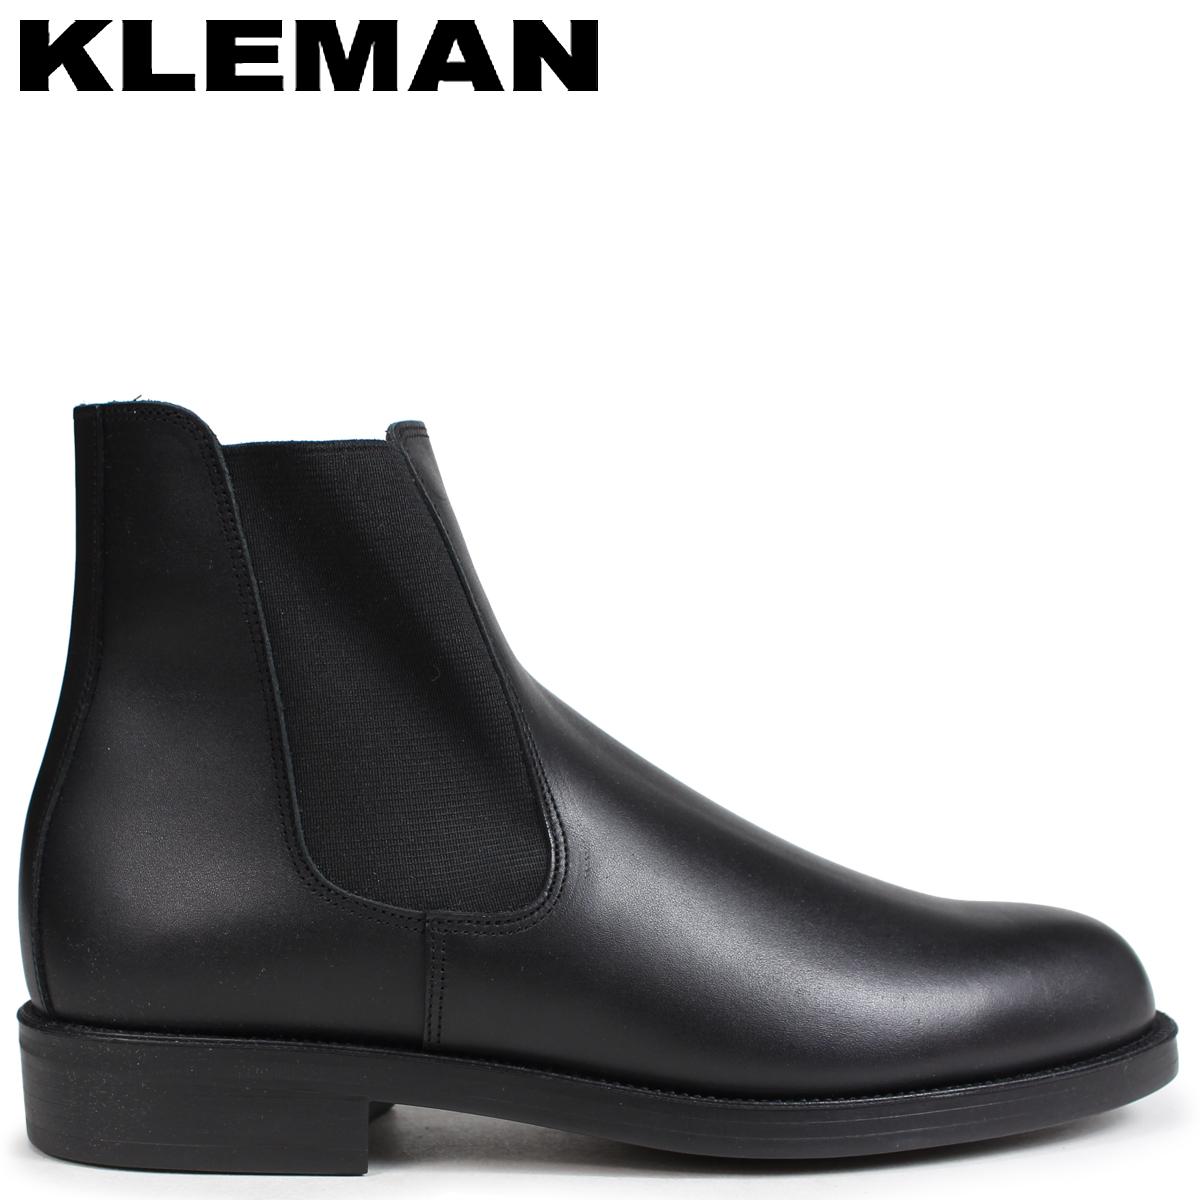 クレマン KLEMAN BAULANI 靴 サイドゴア ブーツ メンズ SIDE GORE BOOTS ブラック VA71102 [4/3 再入荷]